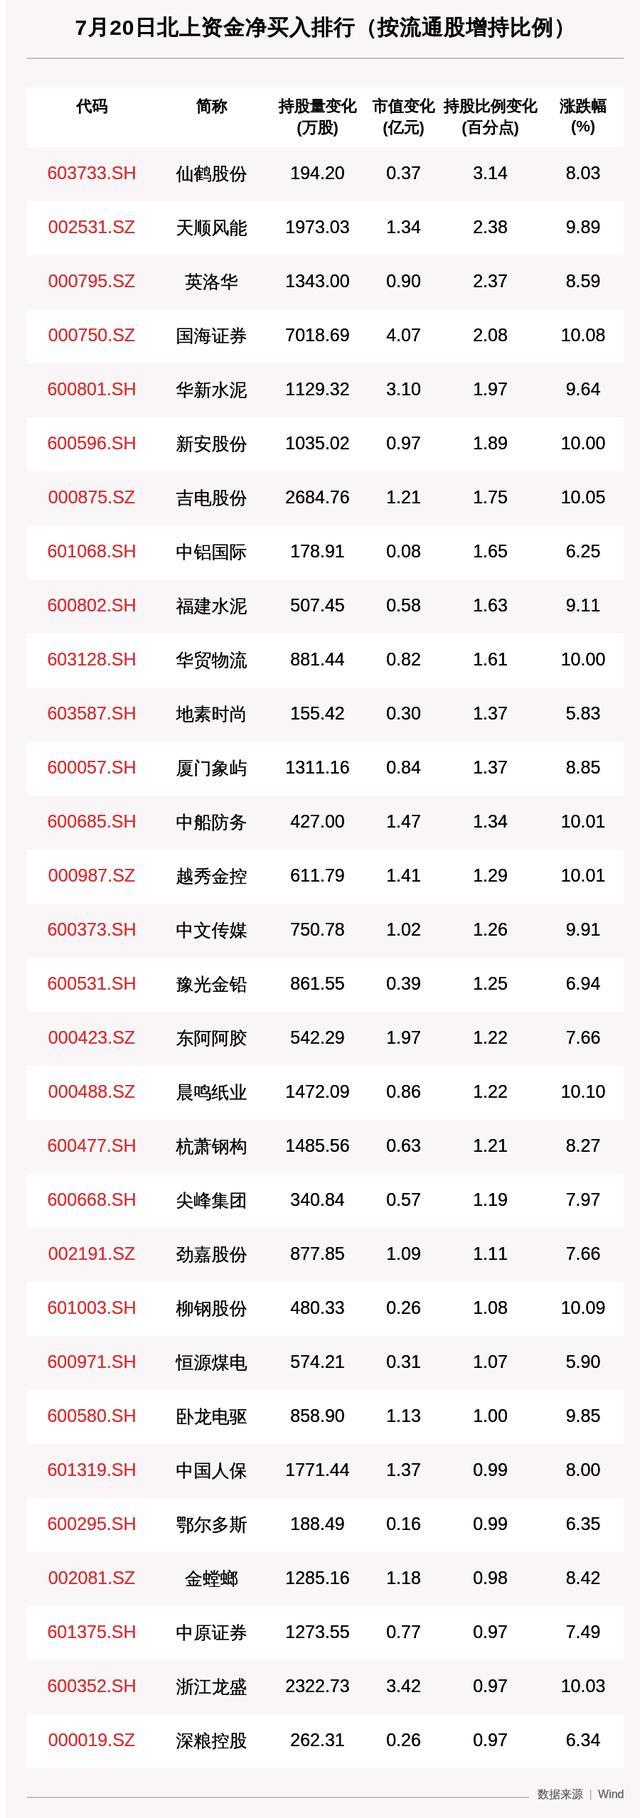 北向资金动向曝光:7月20日这30只个股被猛烈扫货(附名单)-今日股票_股票分析_股票吧